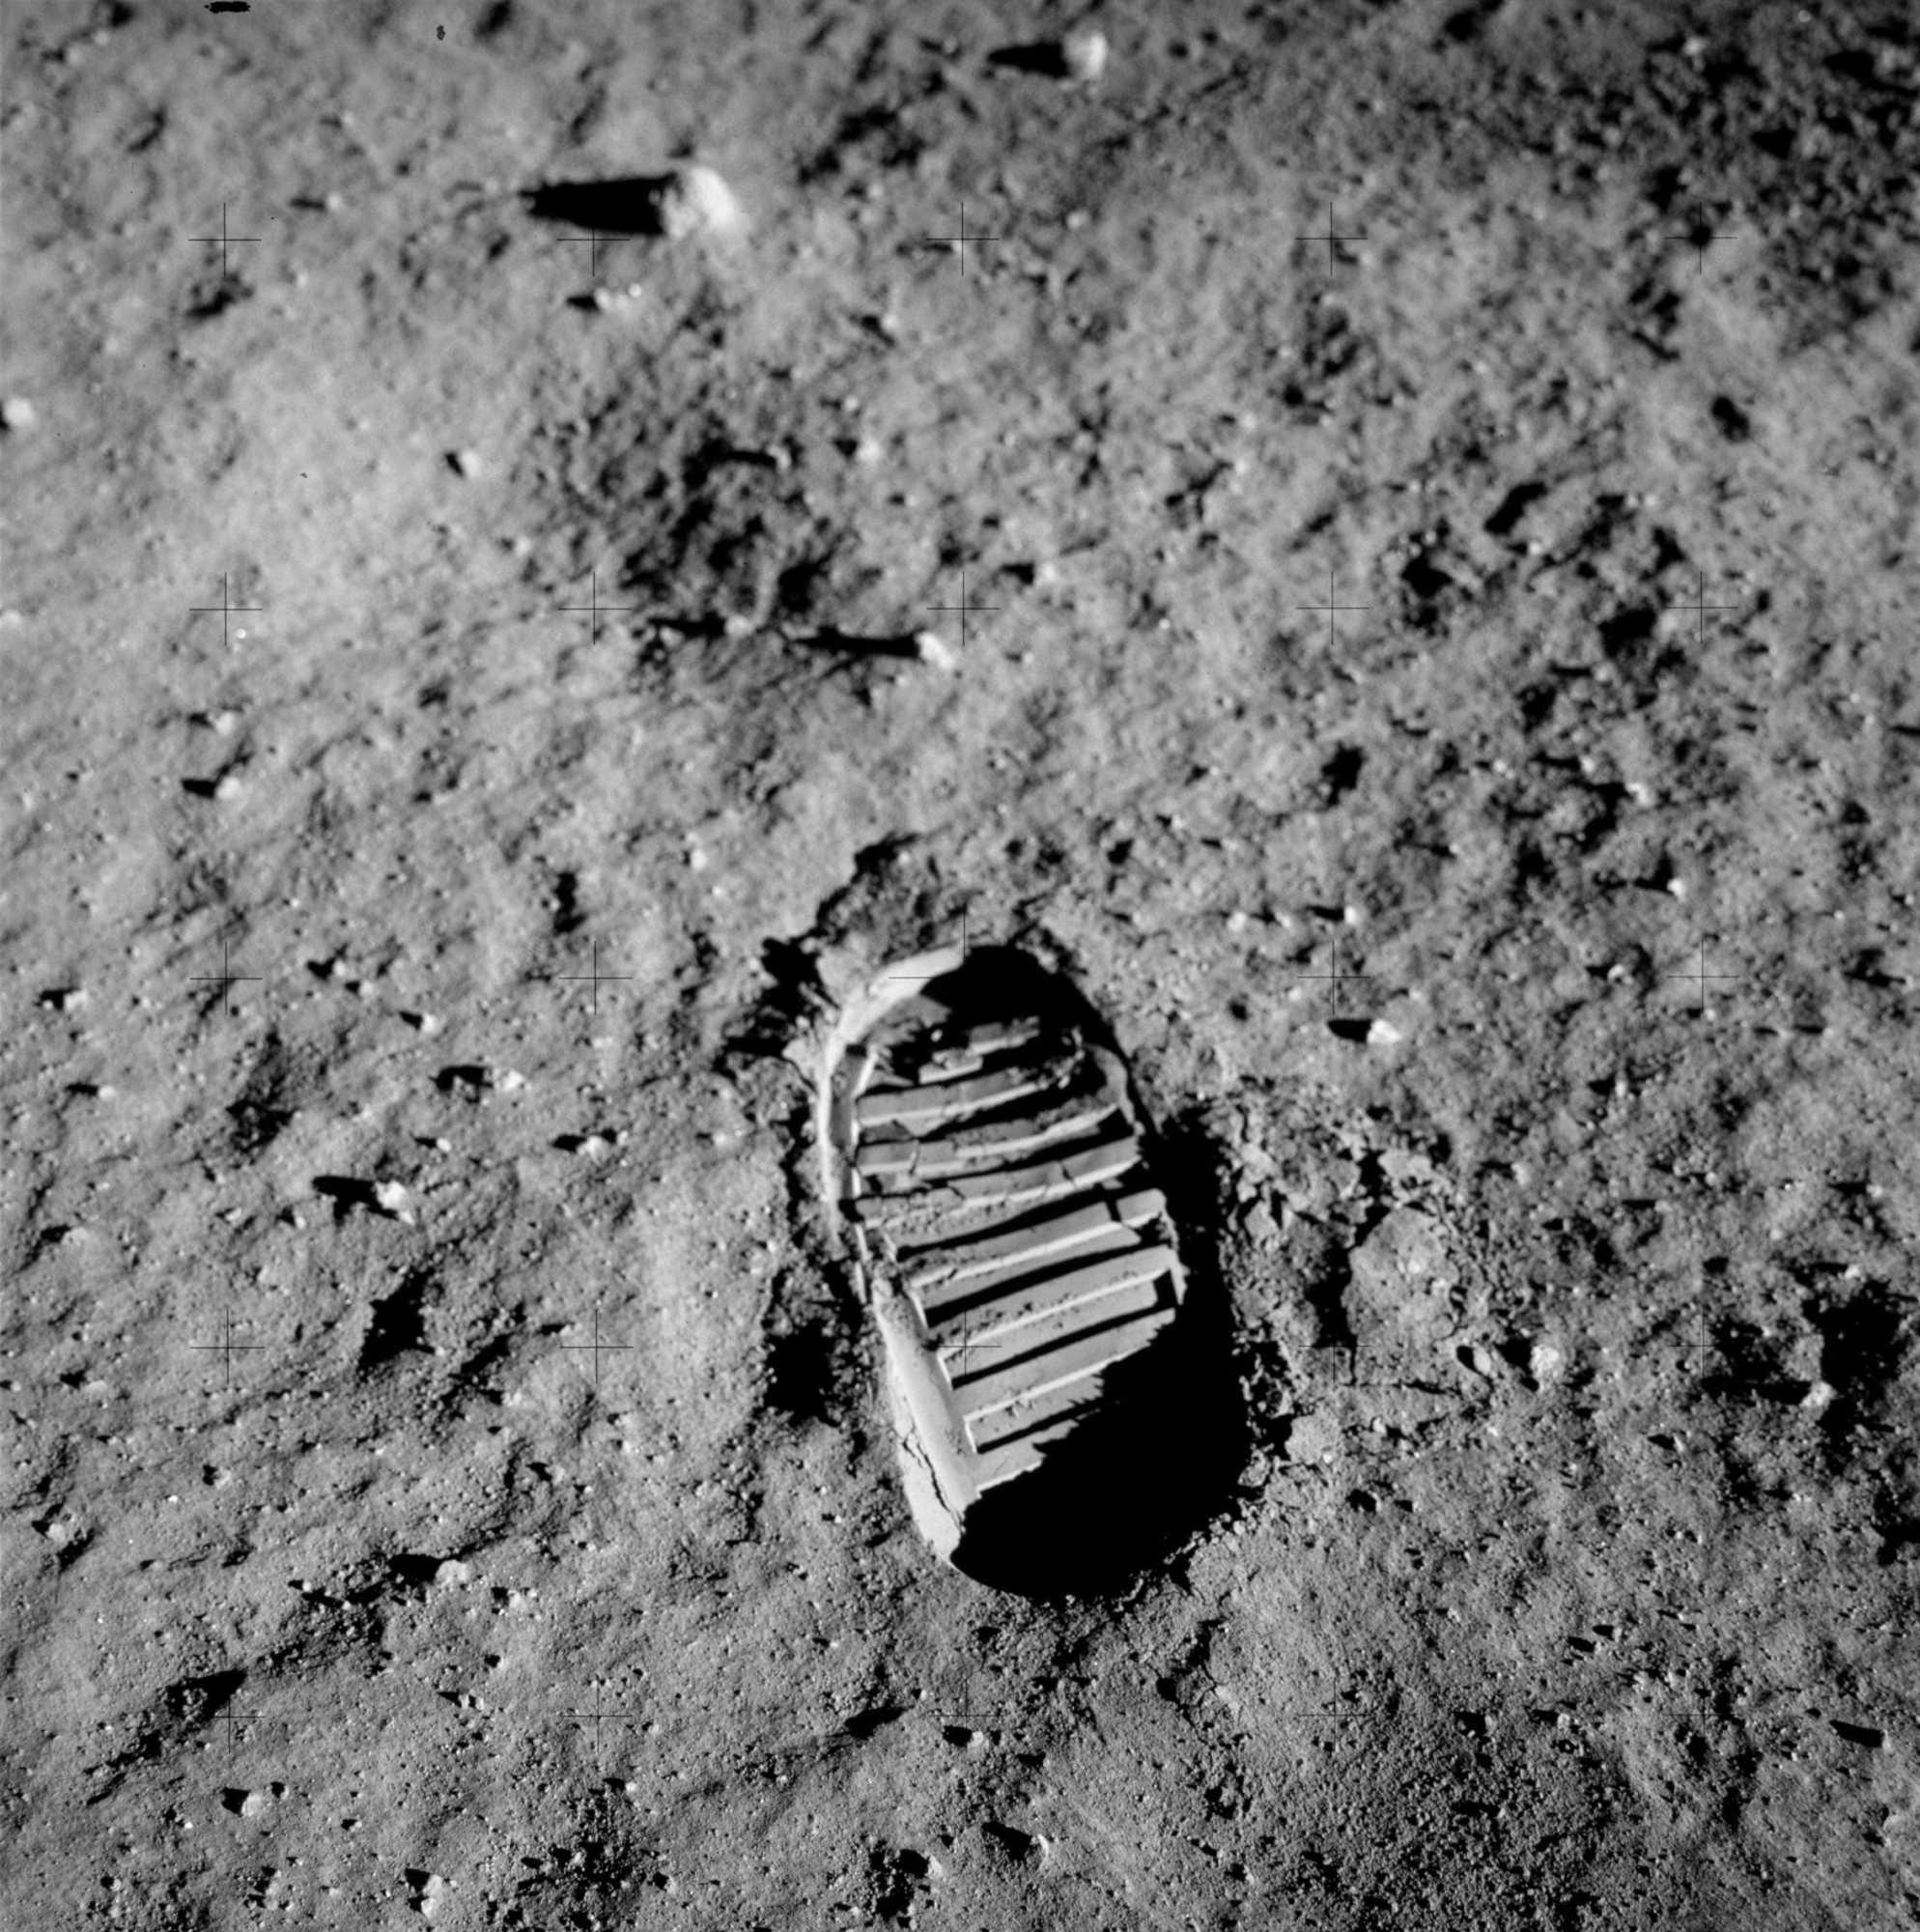 NASA/Buzz Aldrin